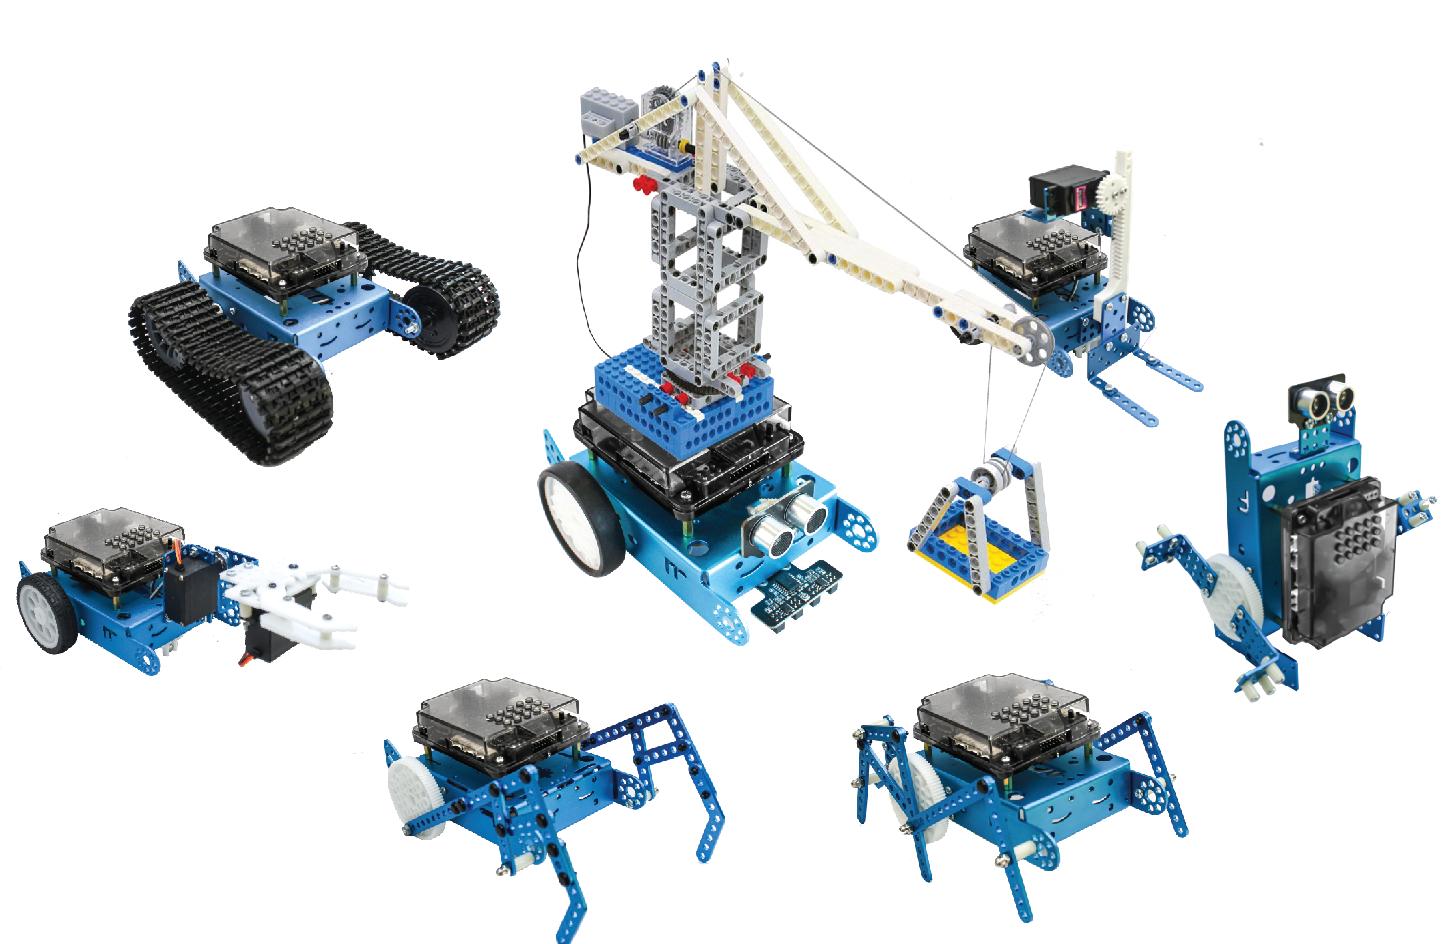 Khả năng mở rộng vô hạn cùng robot lập trình xBot